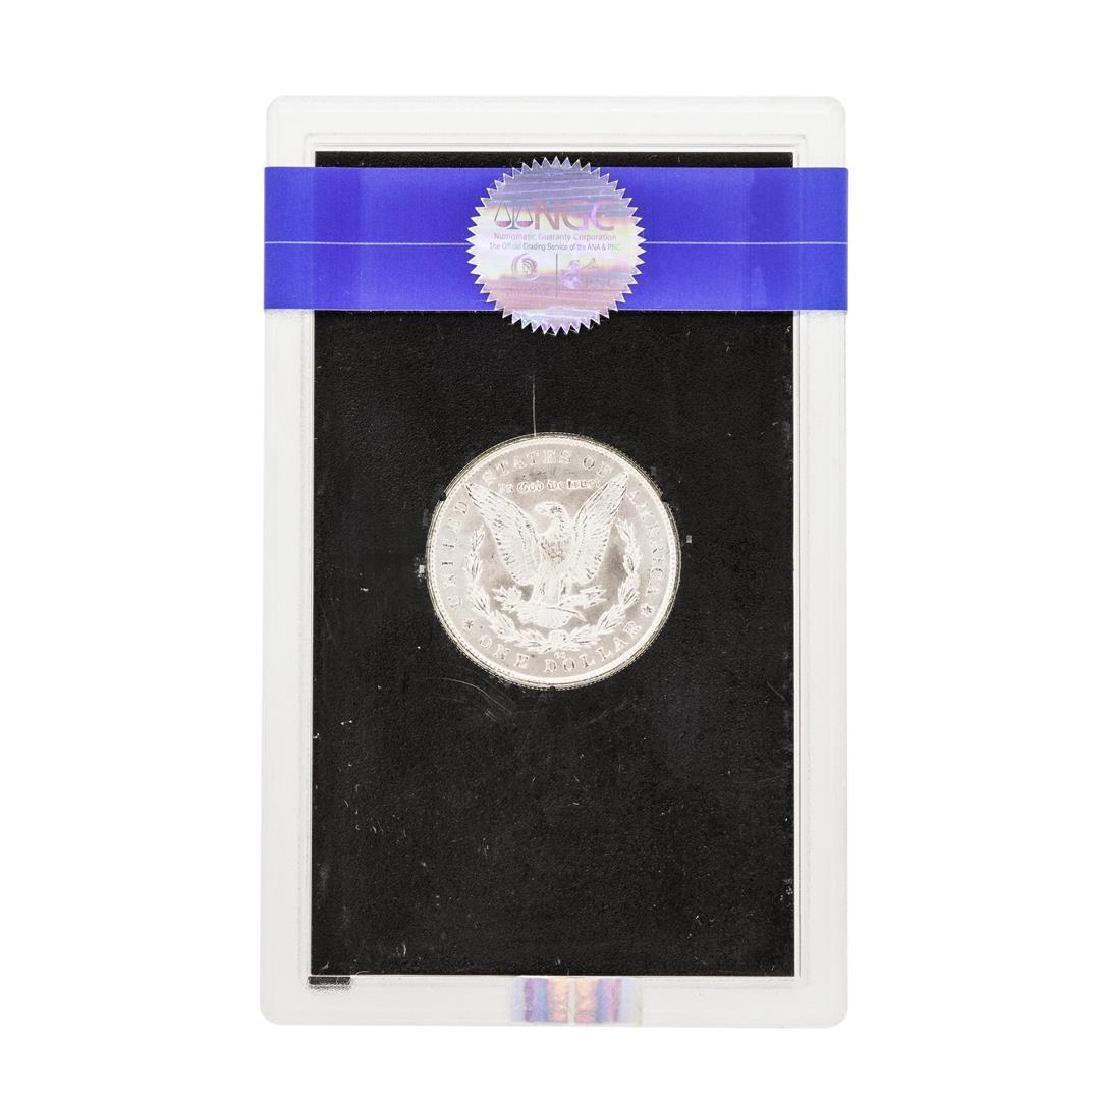 1883-CC $1 Morgan Silver Dollar Coin NGC MS64 GSA - 2